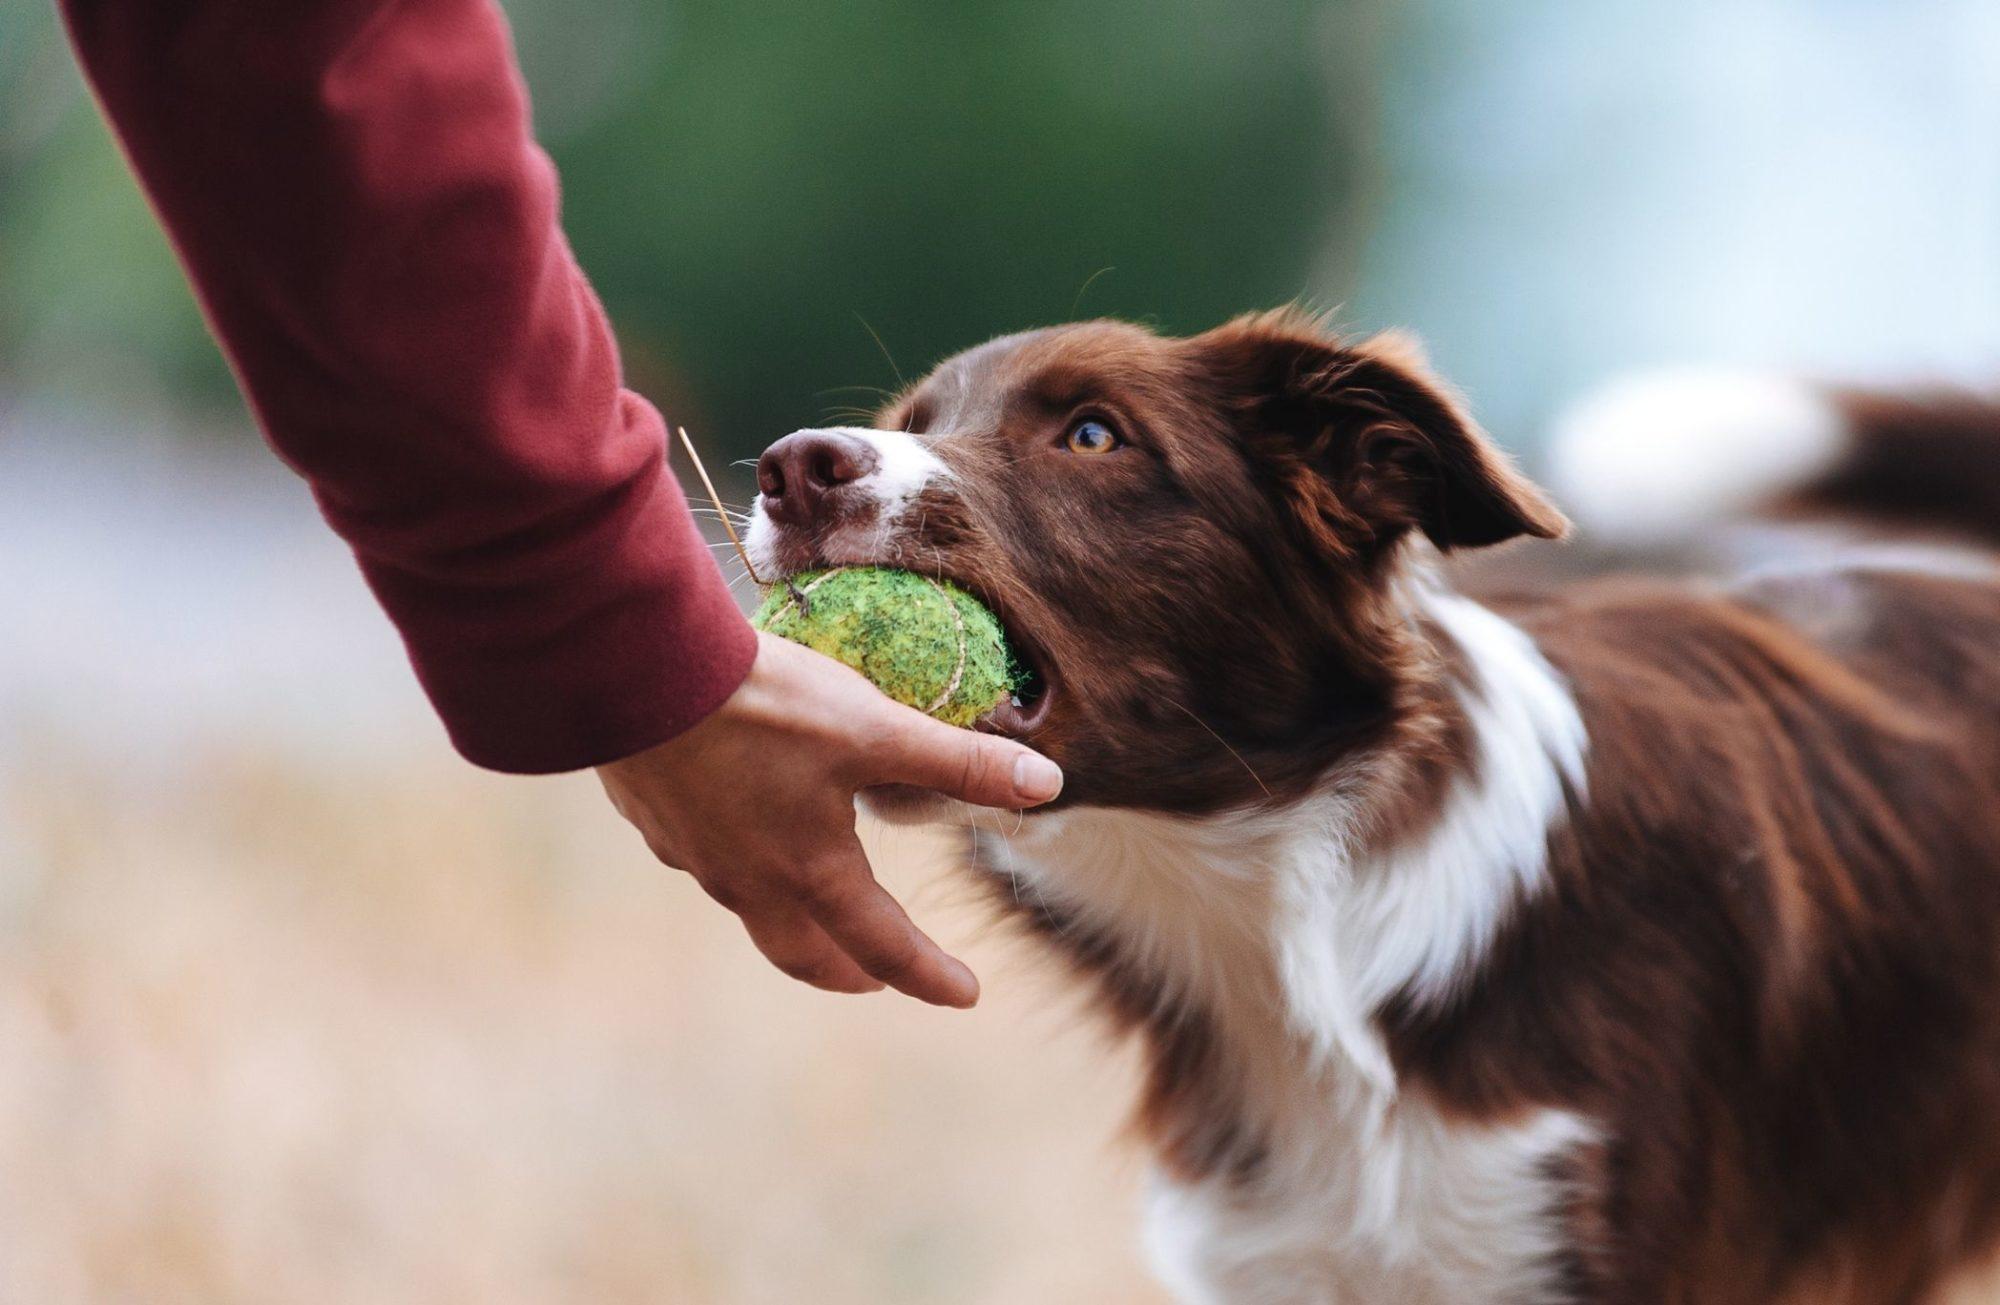 Découvrez 5 jeux pour éduquer votre chien en le divertissant